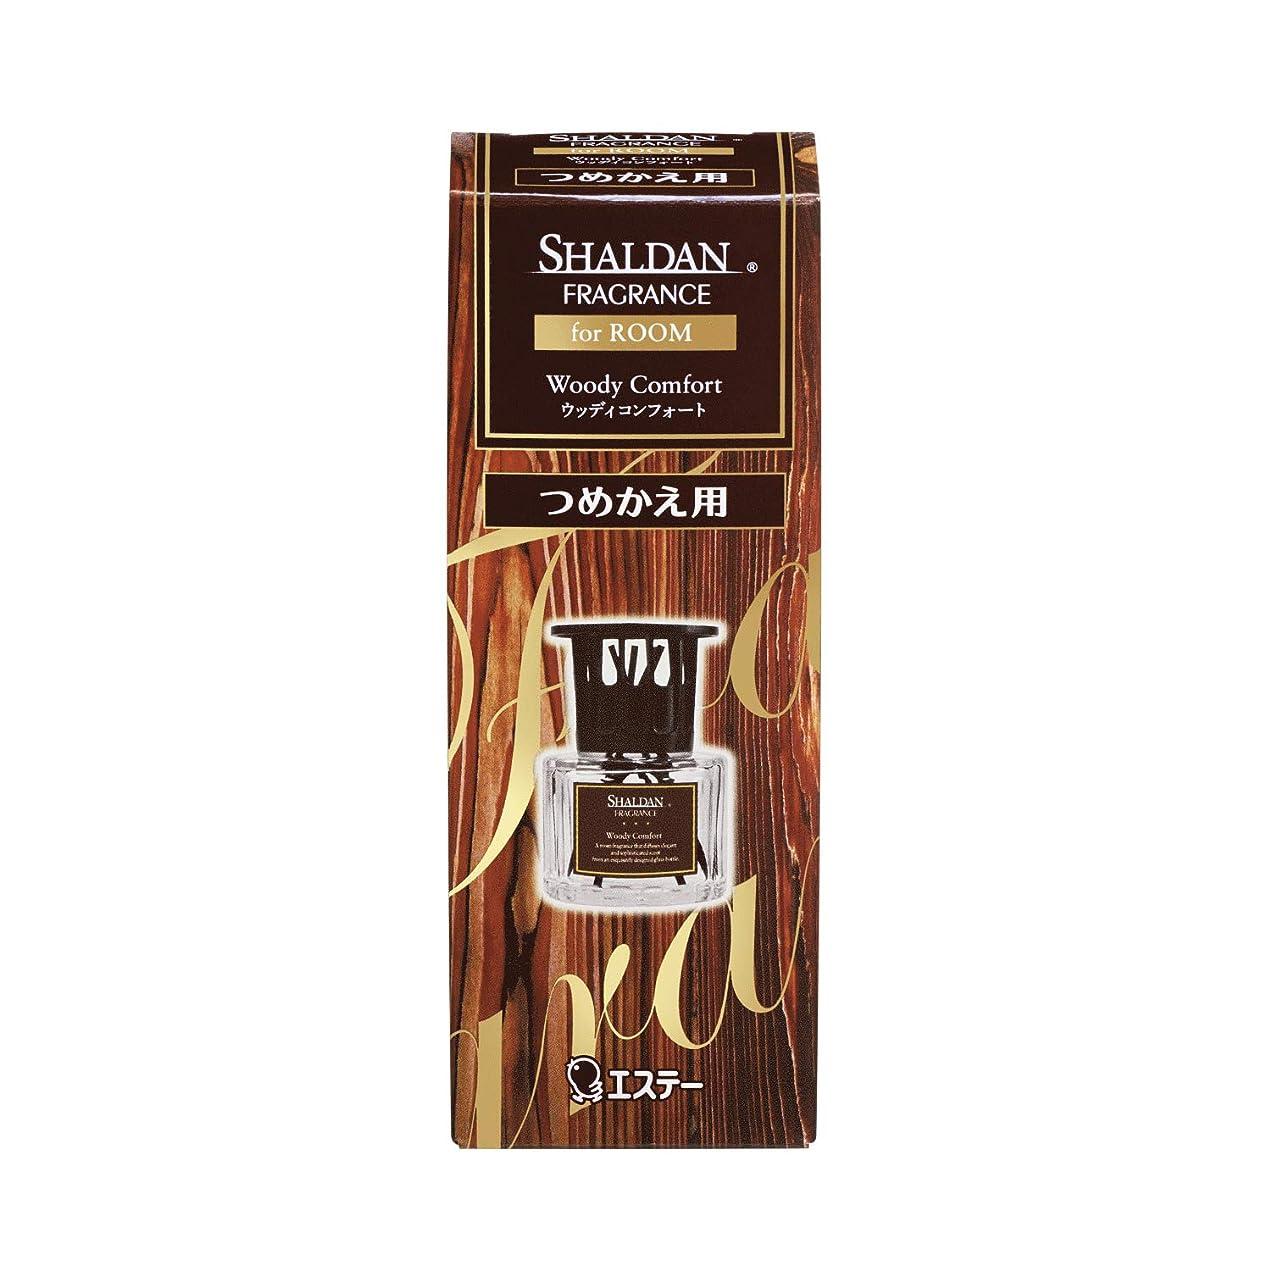 マットレス興奮するジョージエリオットシャルダン SHALDAN フレグランス for ROOM 芳香剤 部屋用 つめかえ ウッディコンフォート 65mL